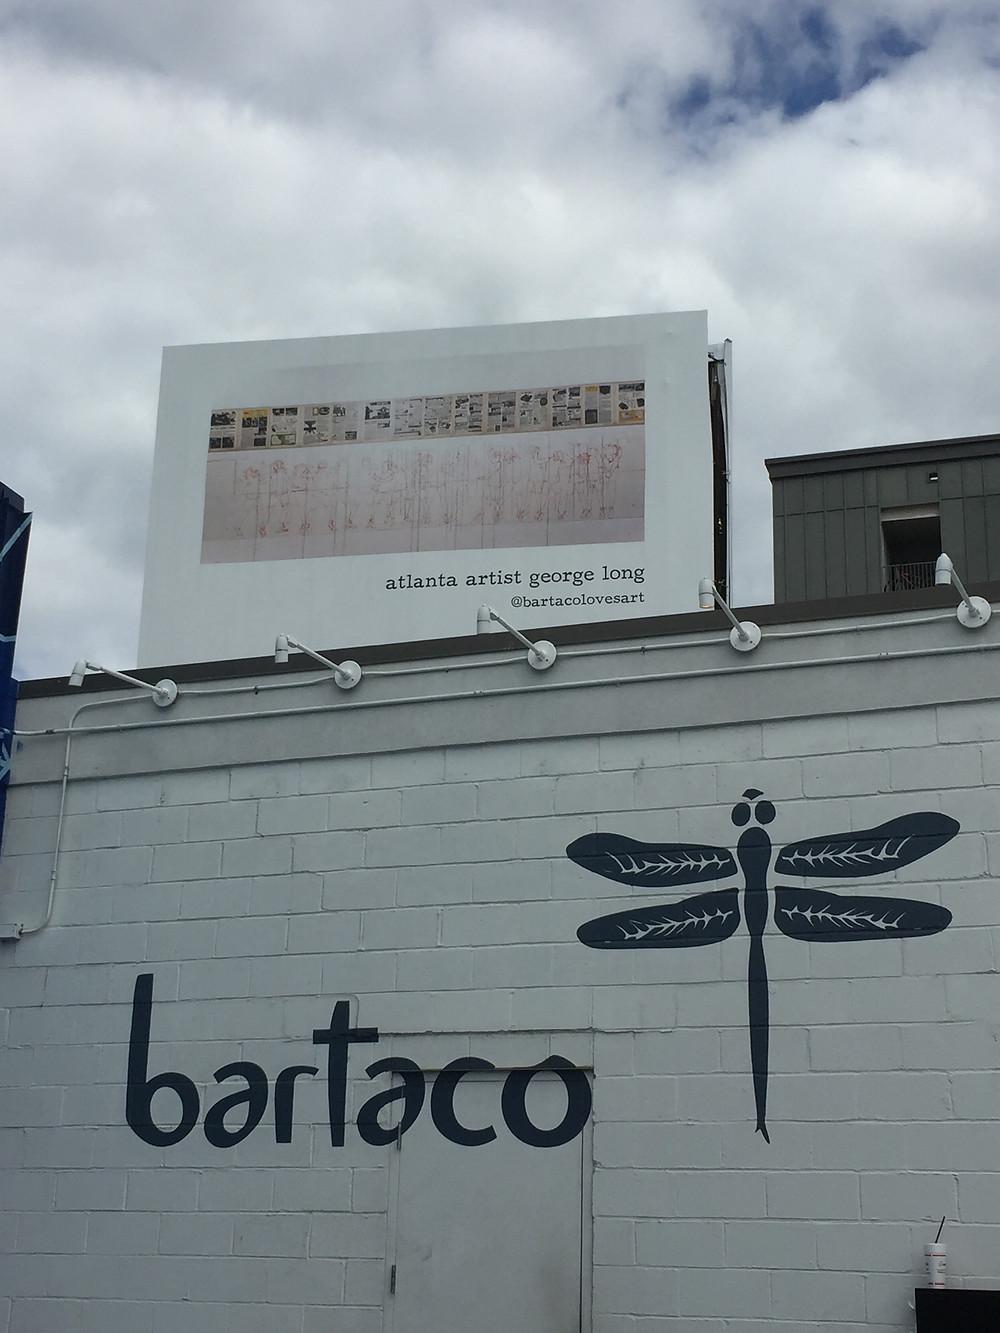 Atlanta BarTaco Billboard